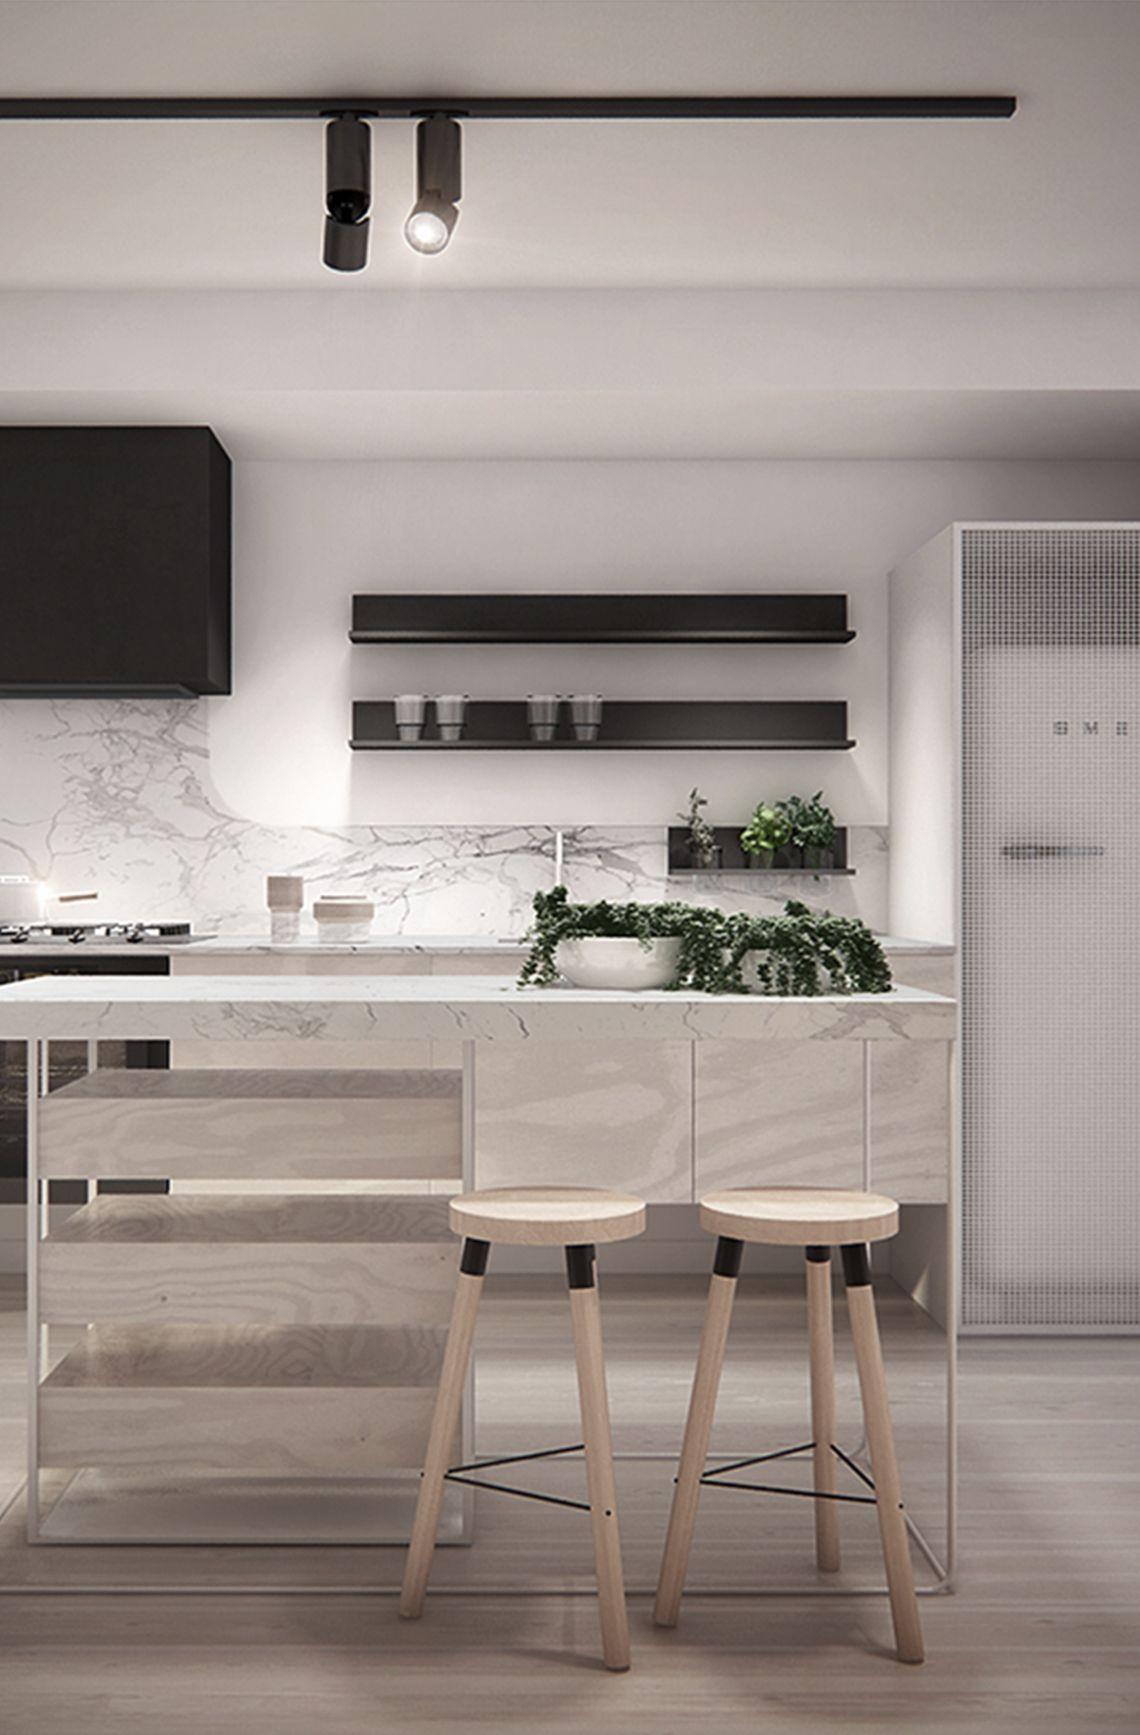 die barhocker oder barstühl. schöner wohnen. gross moderne küchen, Hause ideen